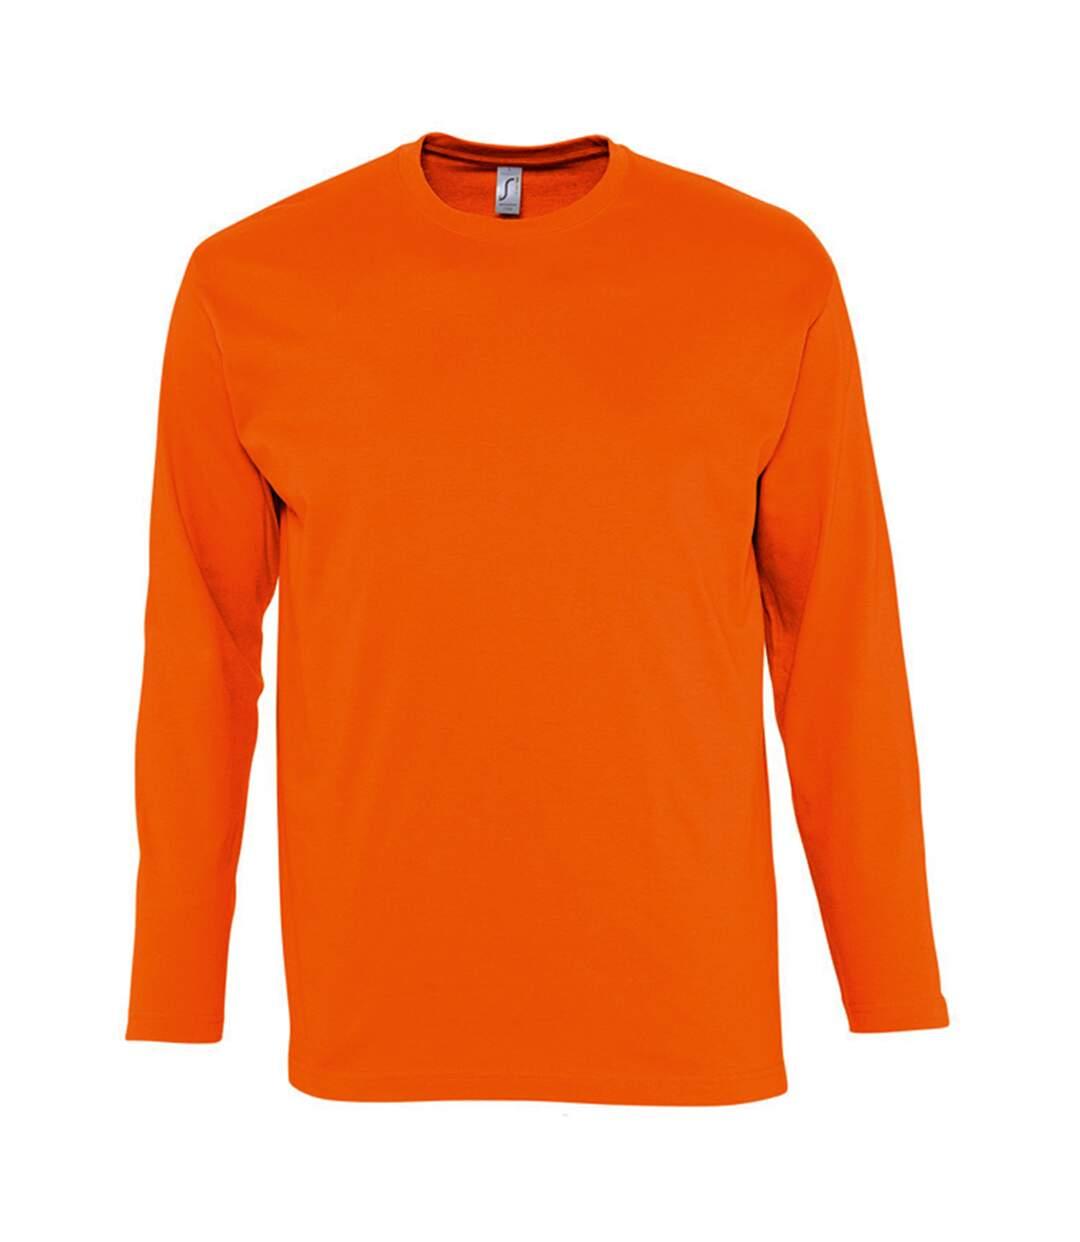 SOLS Monarch - T-shirt à manches longues - Homme (Orange) - UTPC313